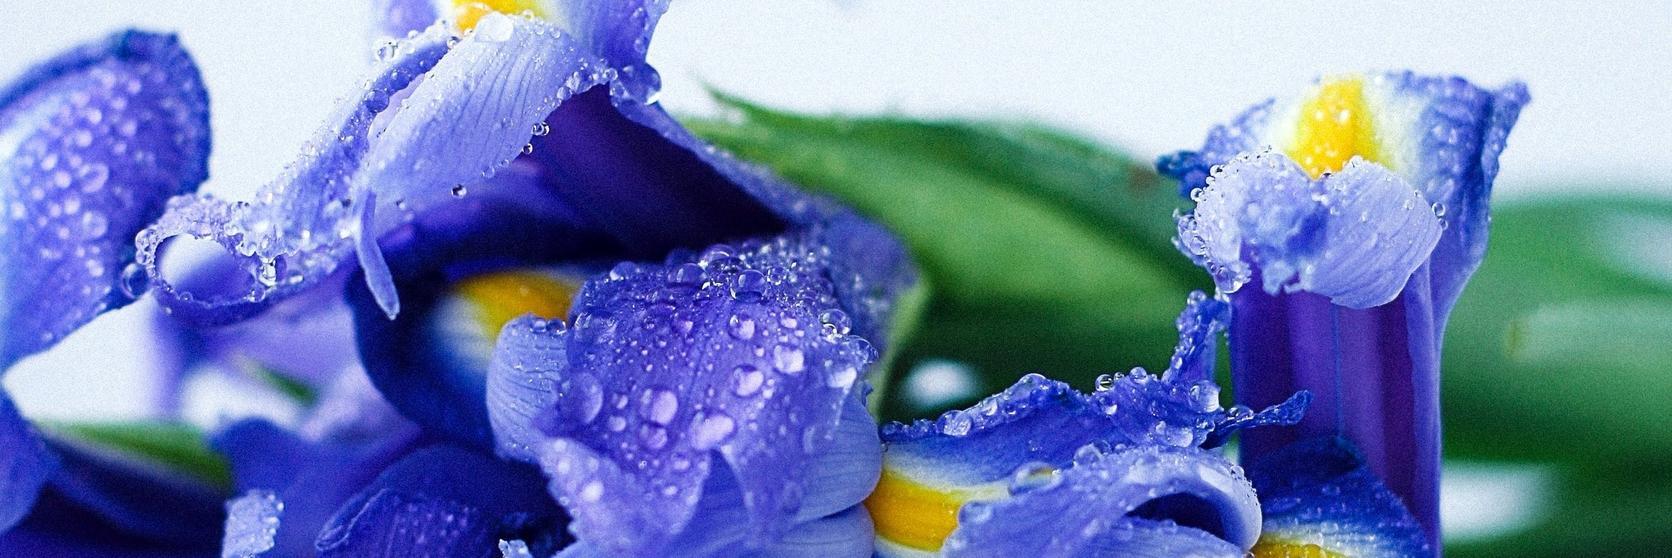 blue-irises